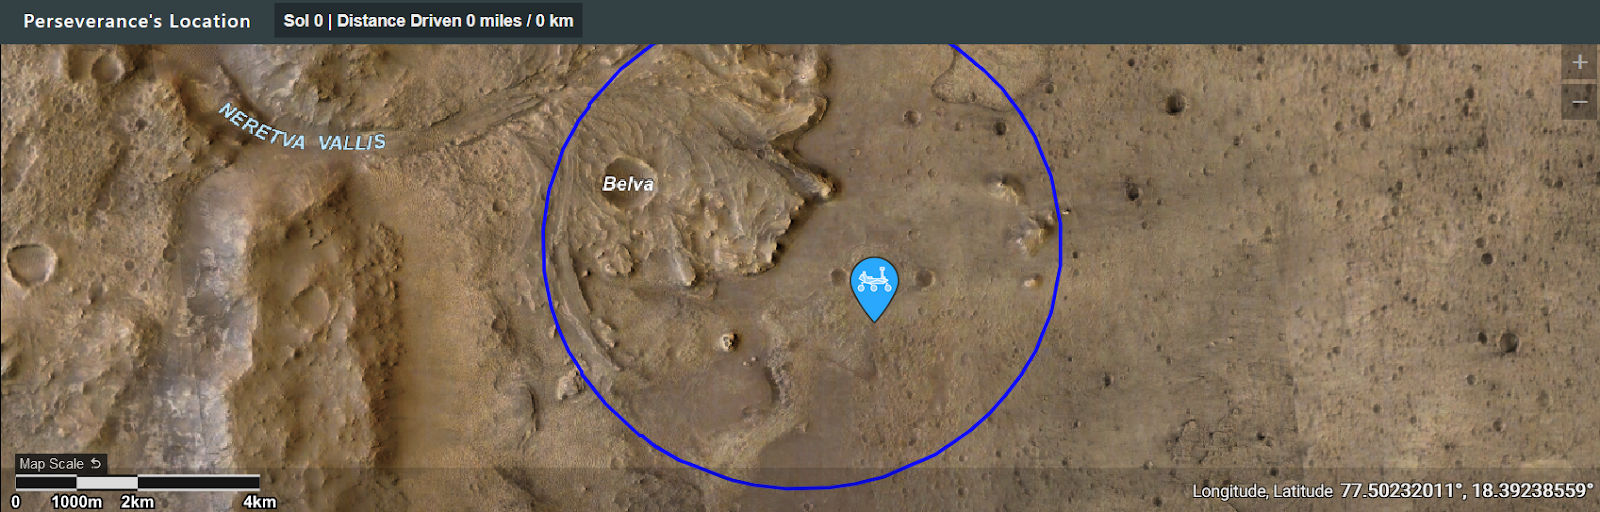 Что происходит на Марсе и при чем здесь облака - 4